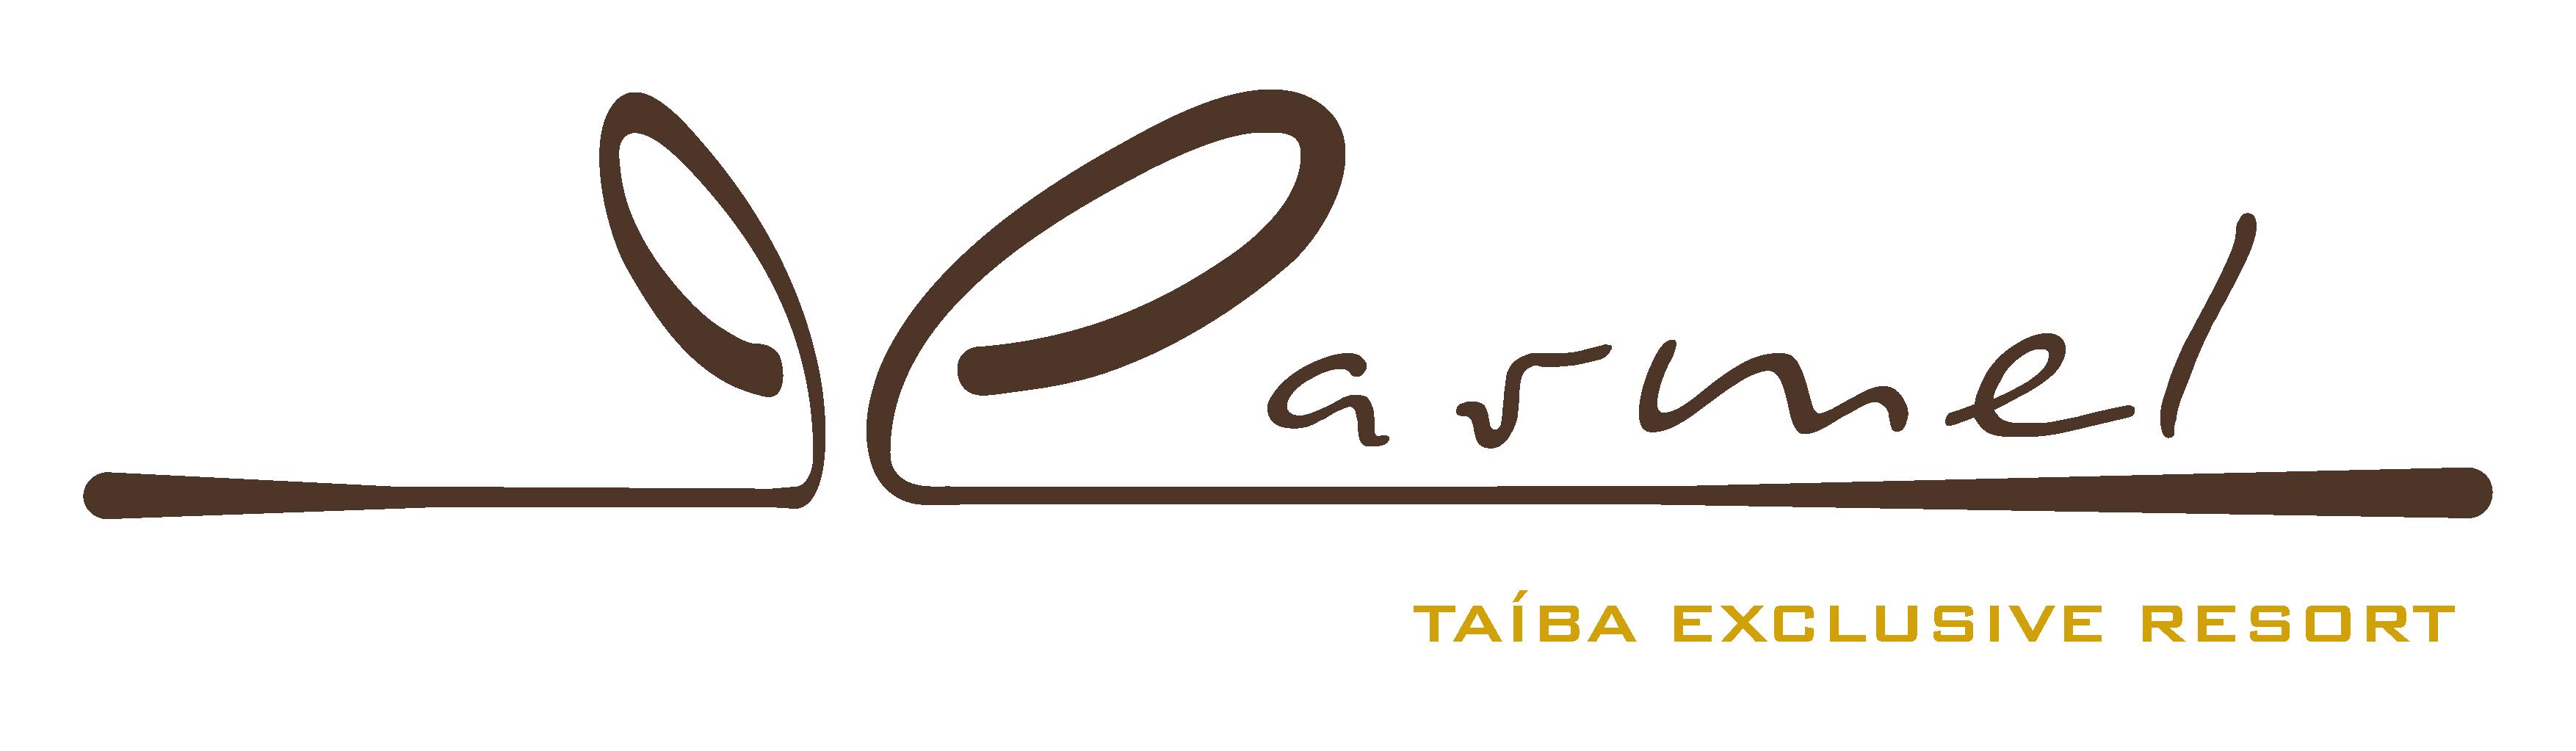 Taíba